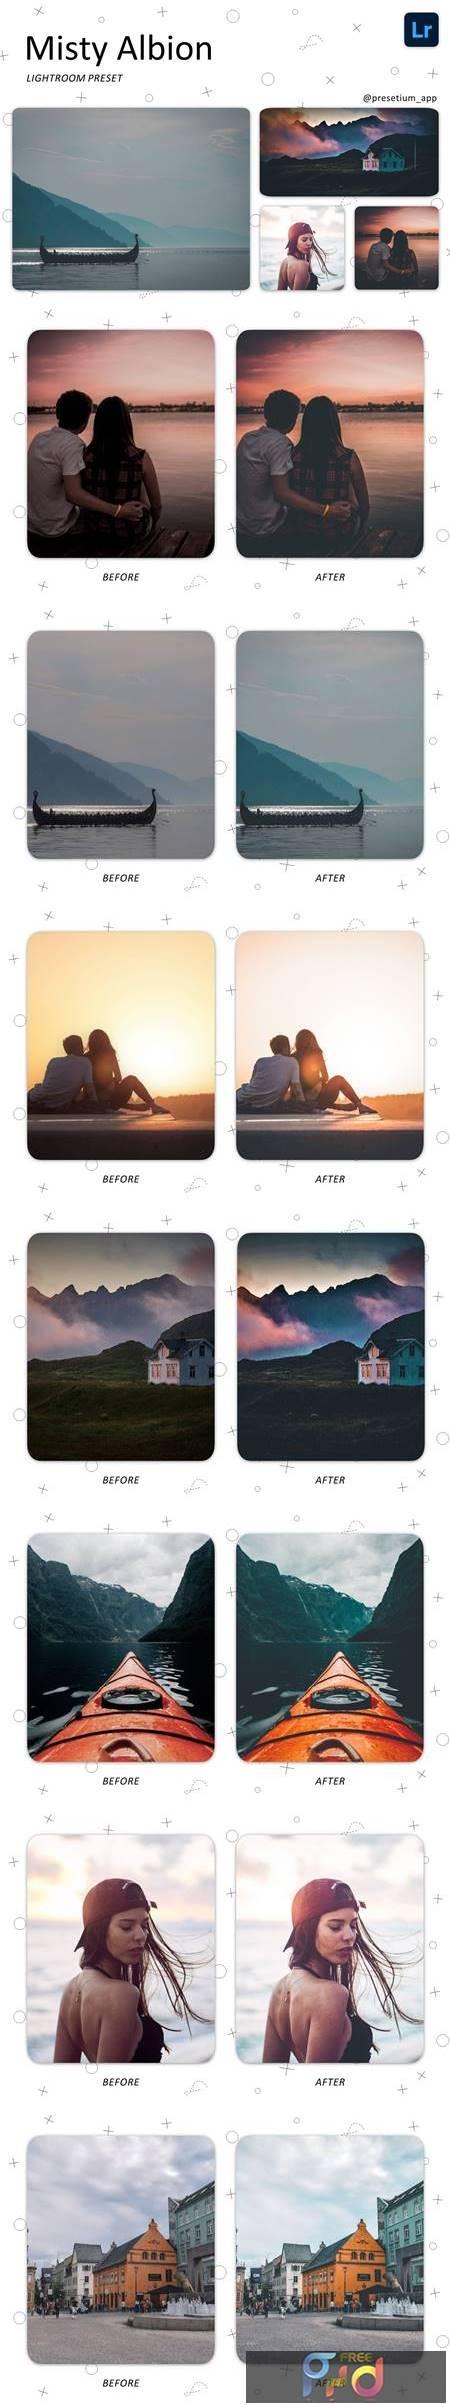 Misty Albion - Lightroom Presets 5222982 1